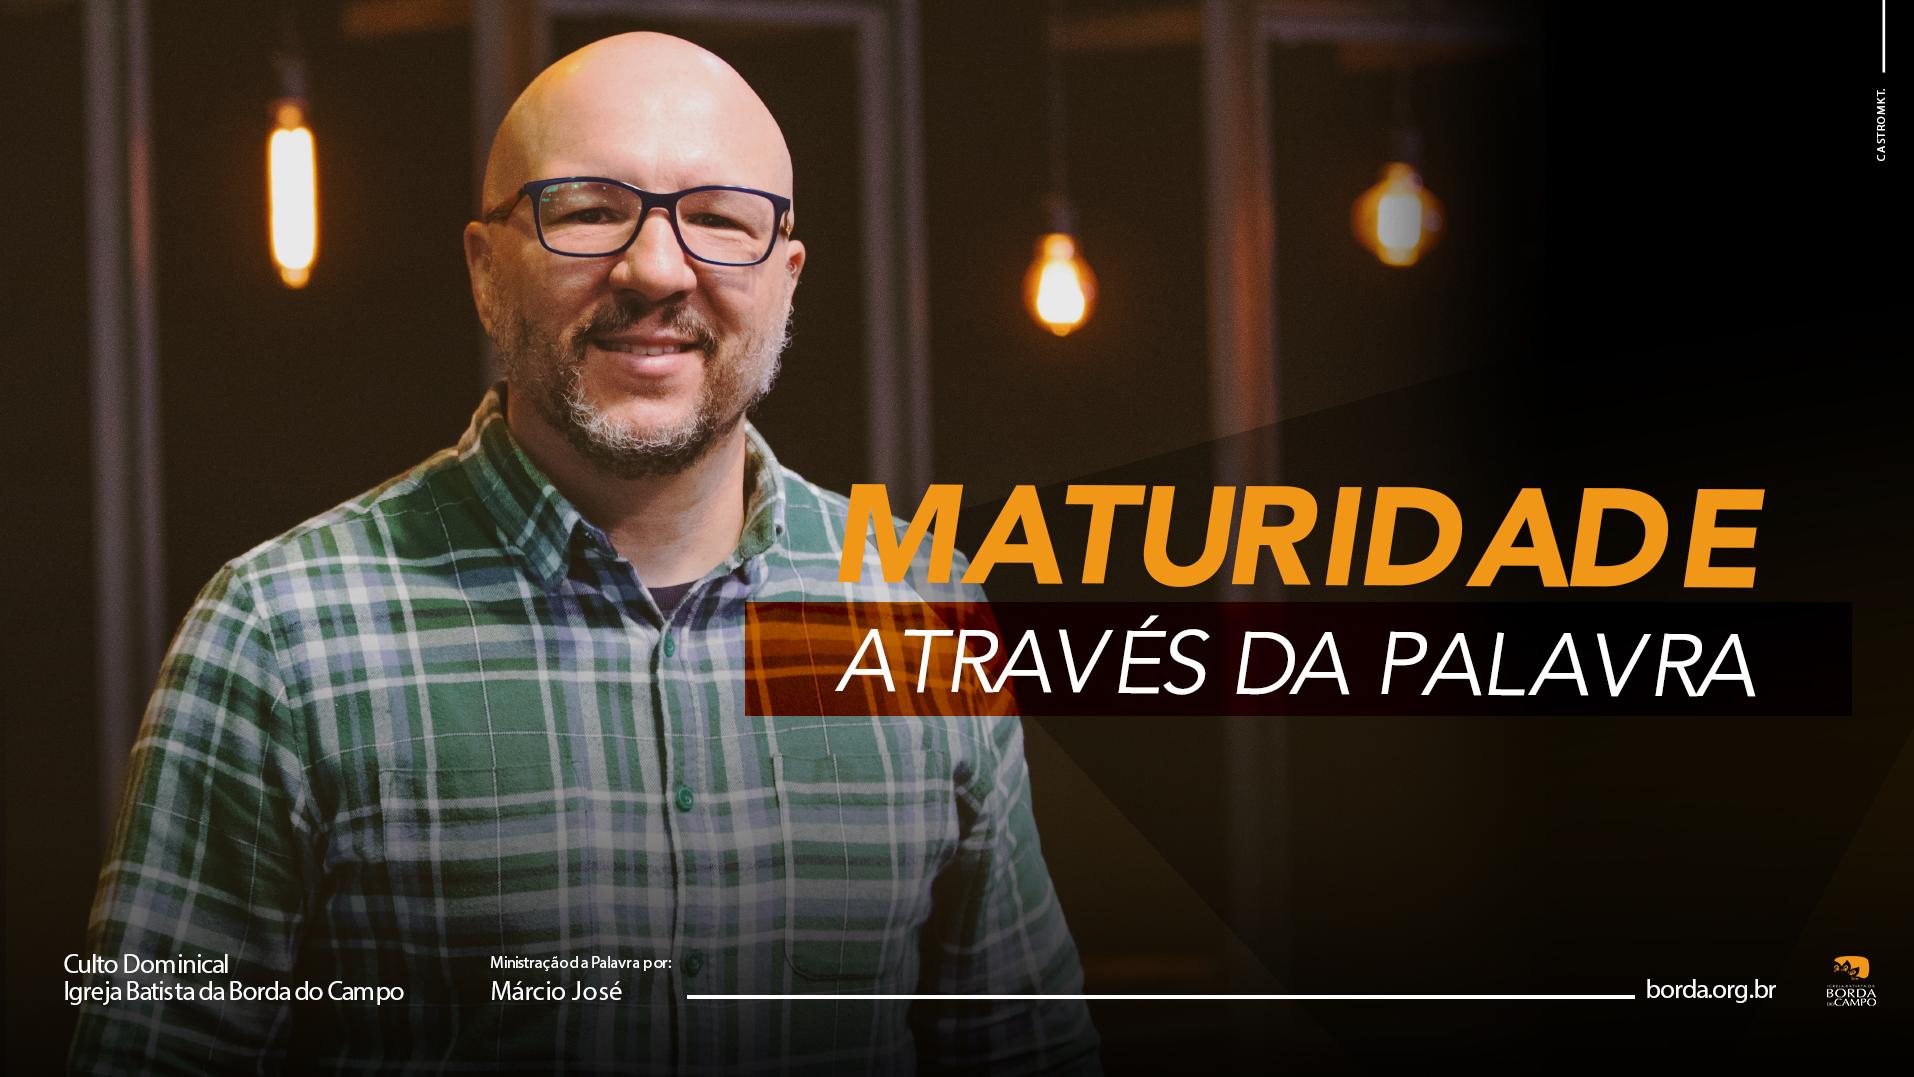 MATURIDADE ATRAVÉS DA PALAVRA